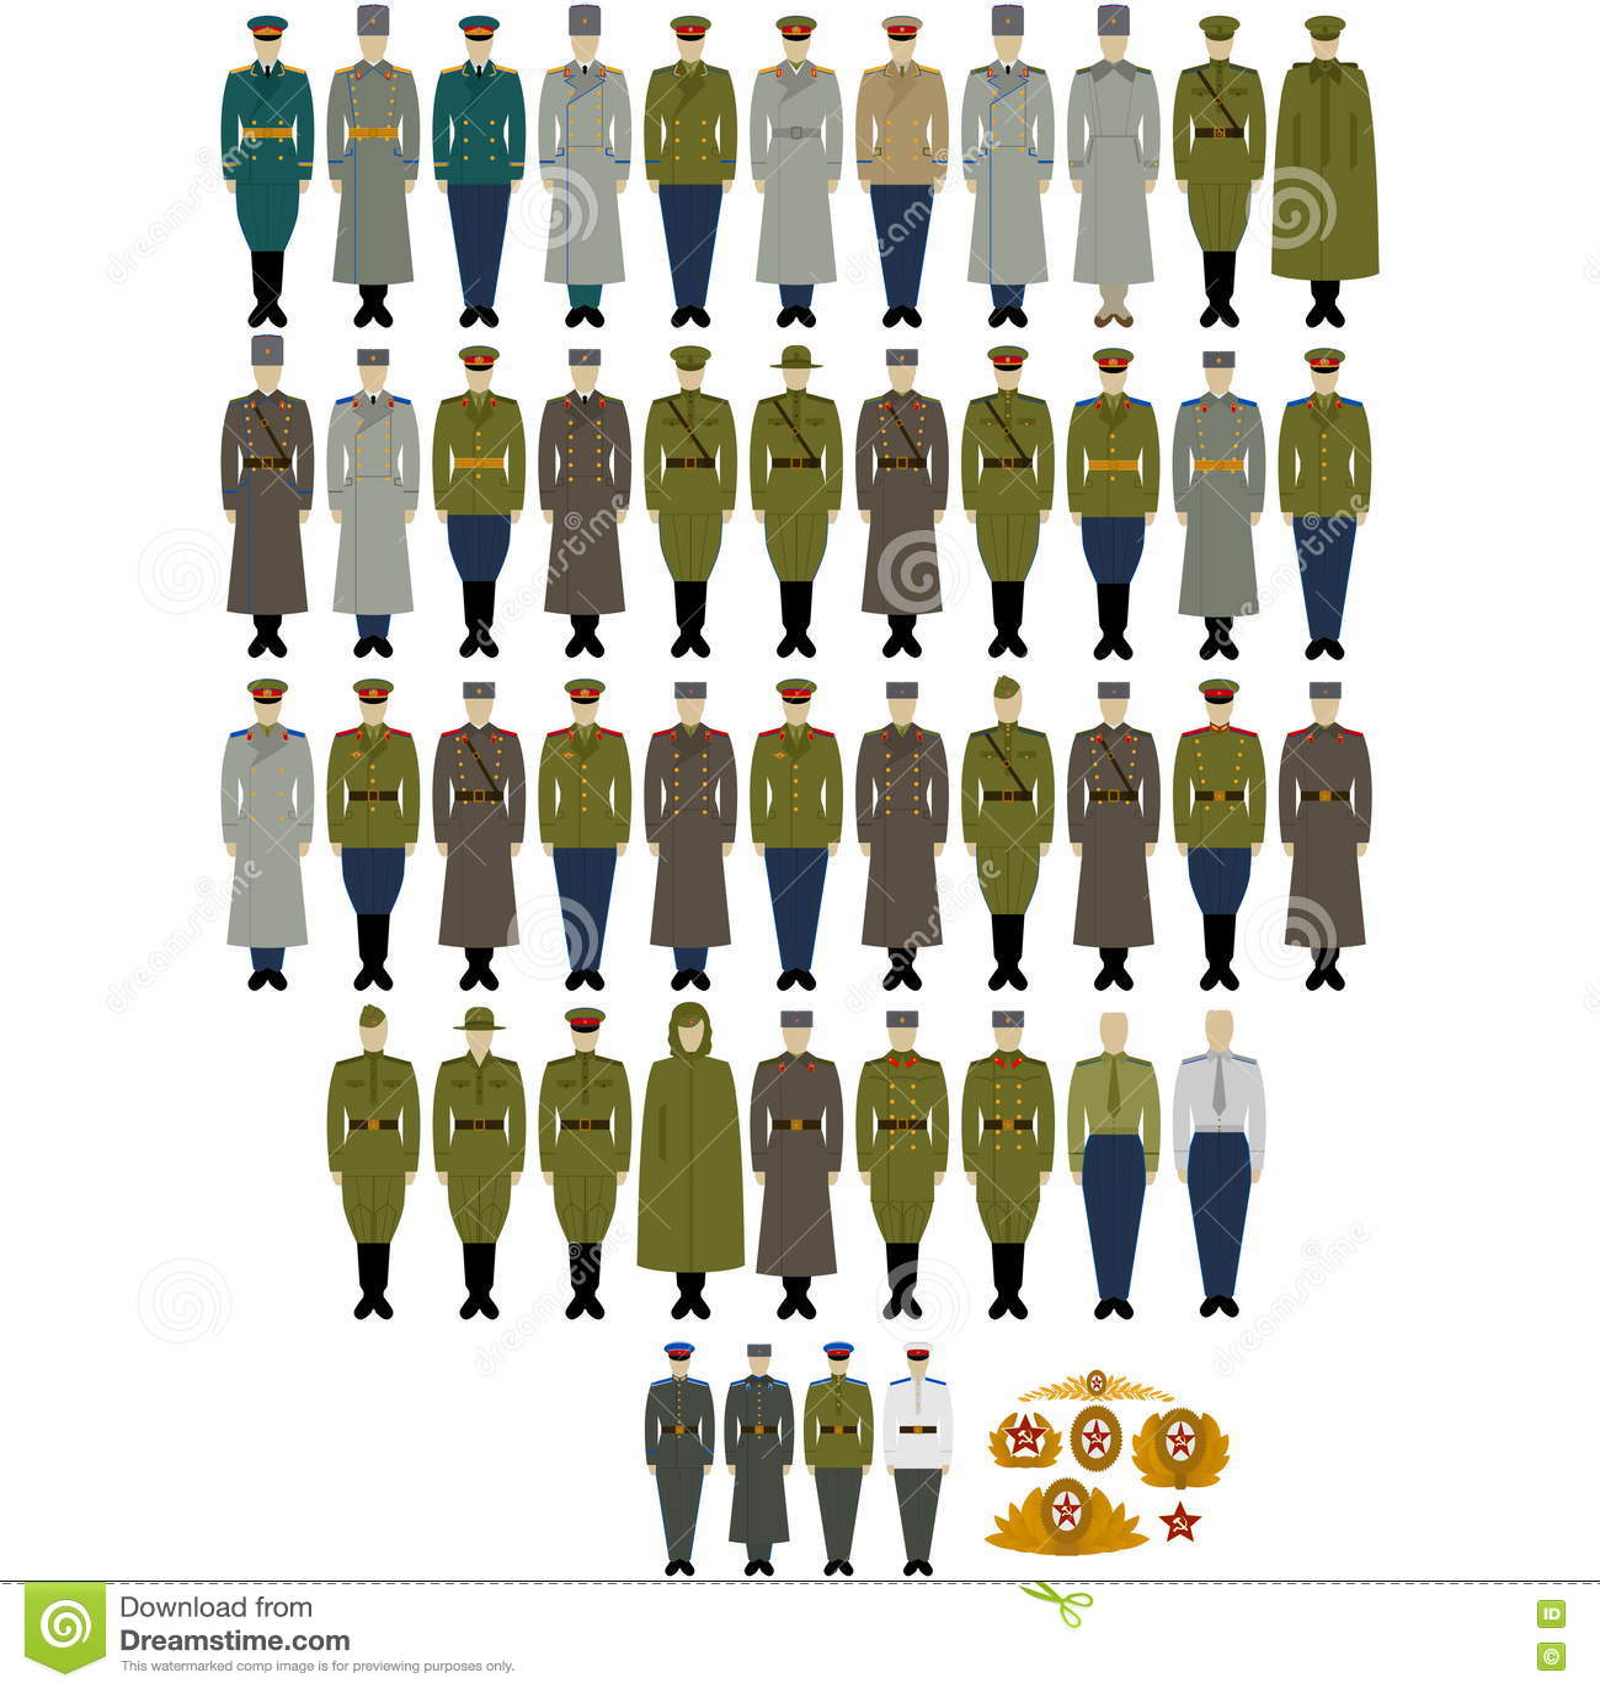 d02e9314d59 Στρατιωτικές στολές του σοβιετικών στρατού και του ναυτικού ...